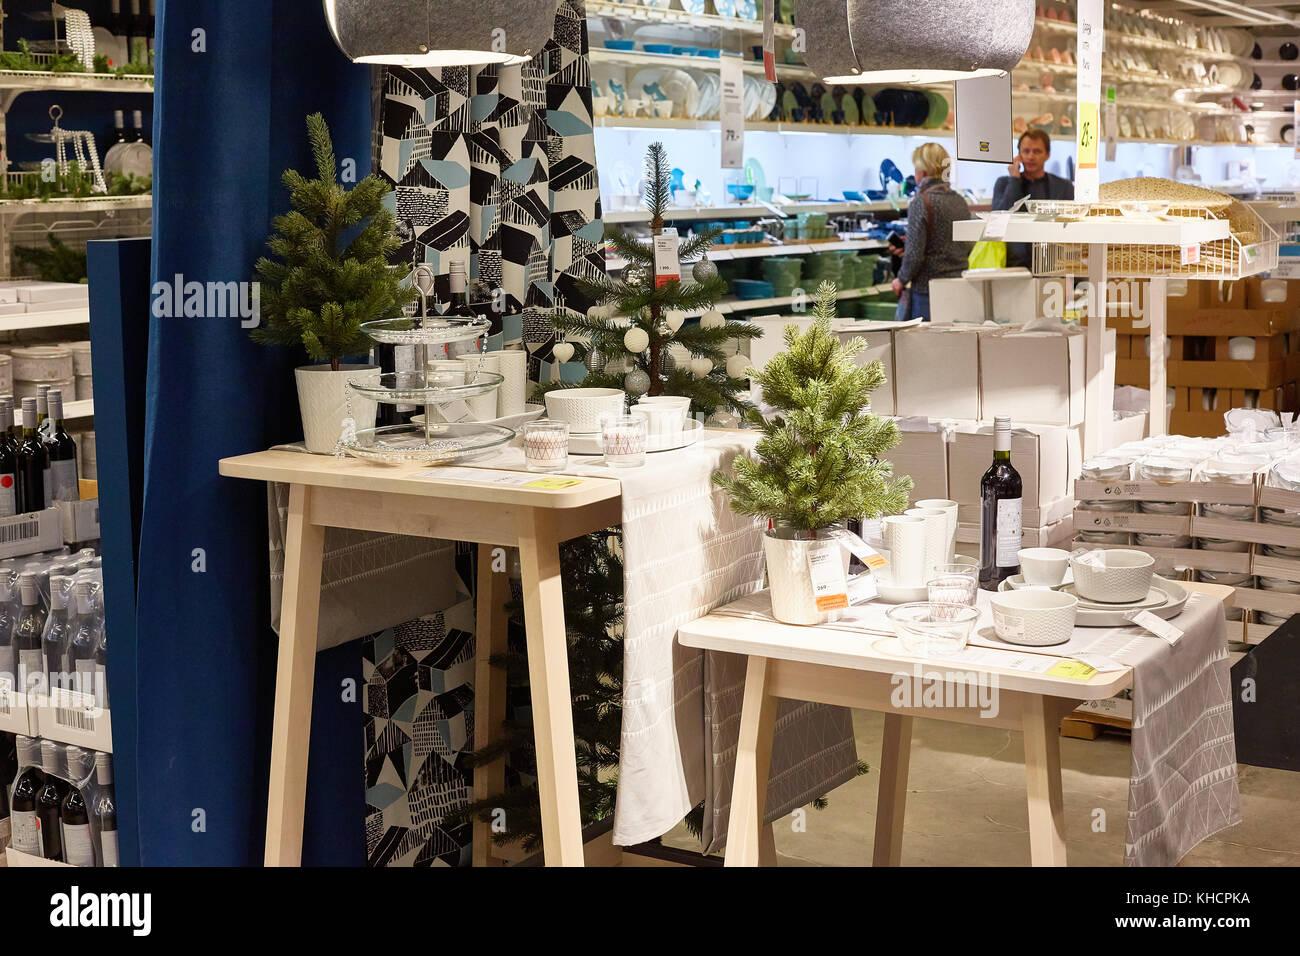 Ikea Weihnachten.Samara Russland November 15 2017 Weihnachten Dekoration Im Ikea